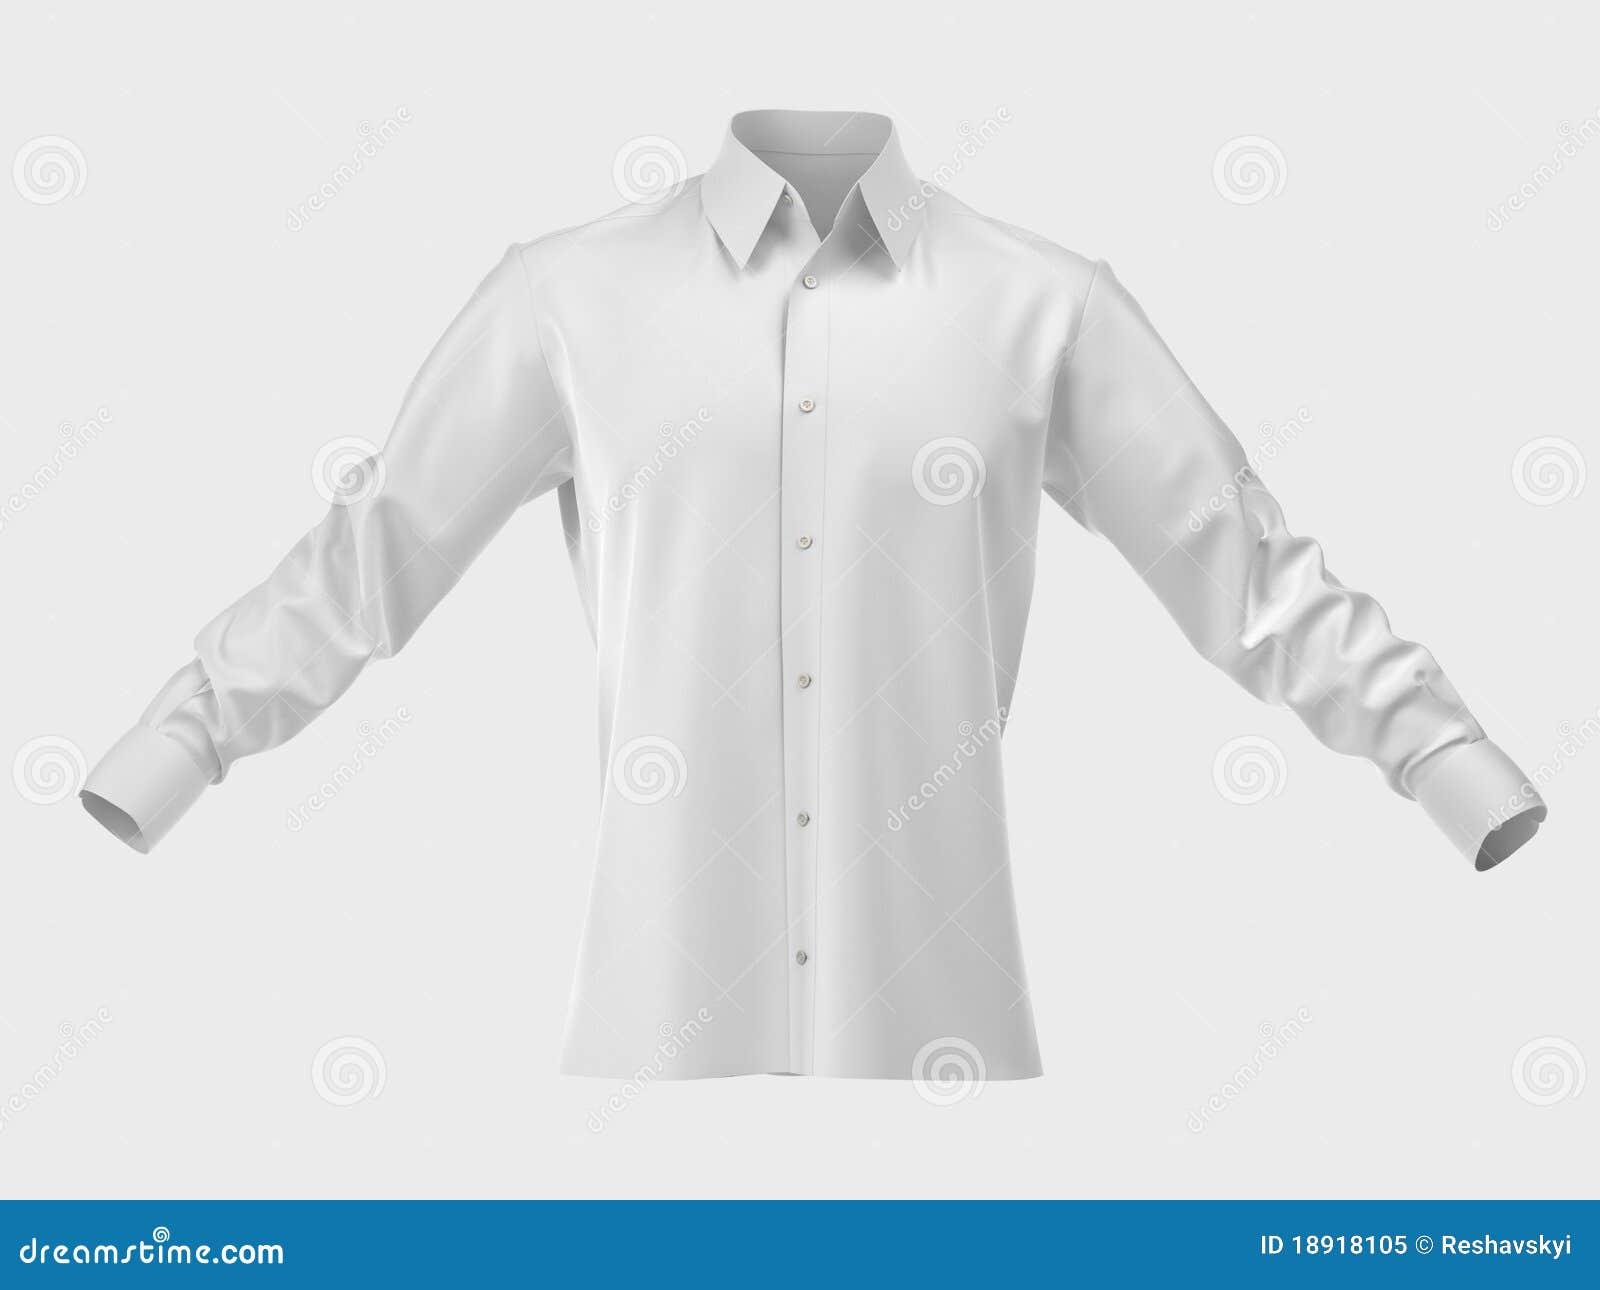 93562c2e33 Camisa De Seda De Los Hombres Aislada En Blanco. Imagen de archivo ...